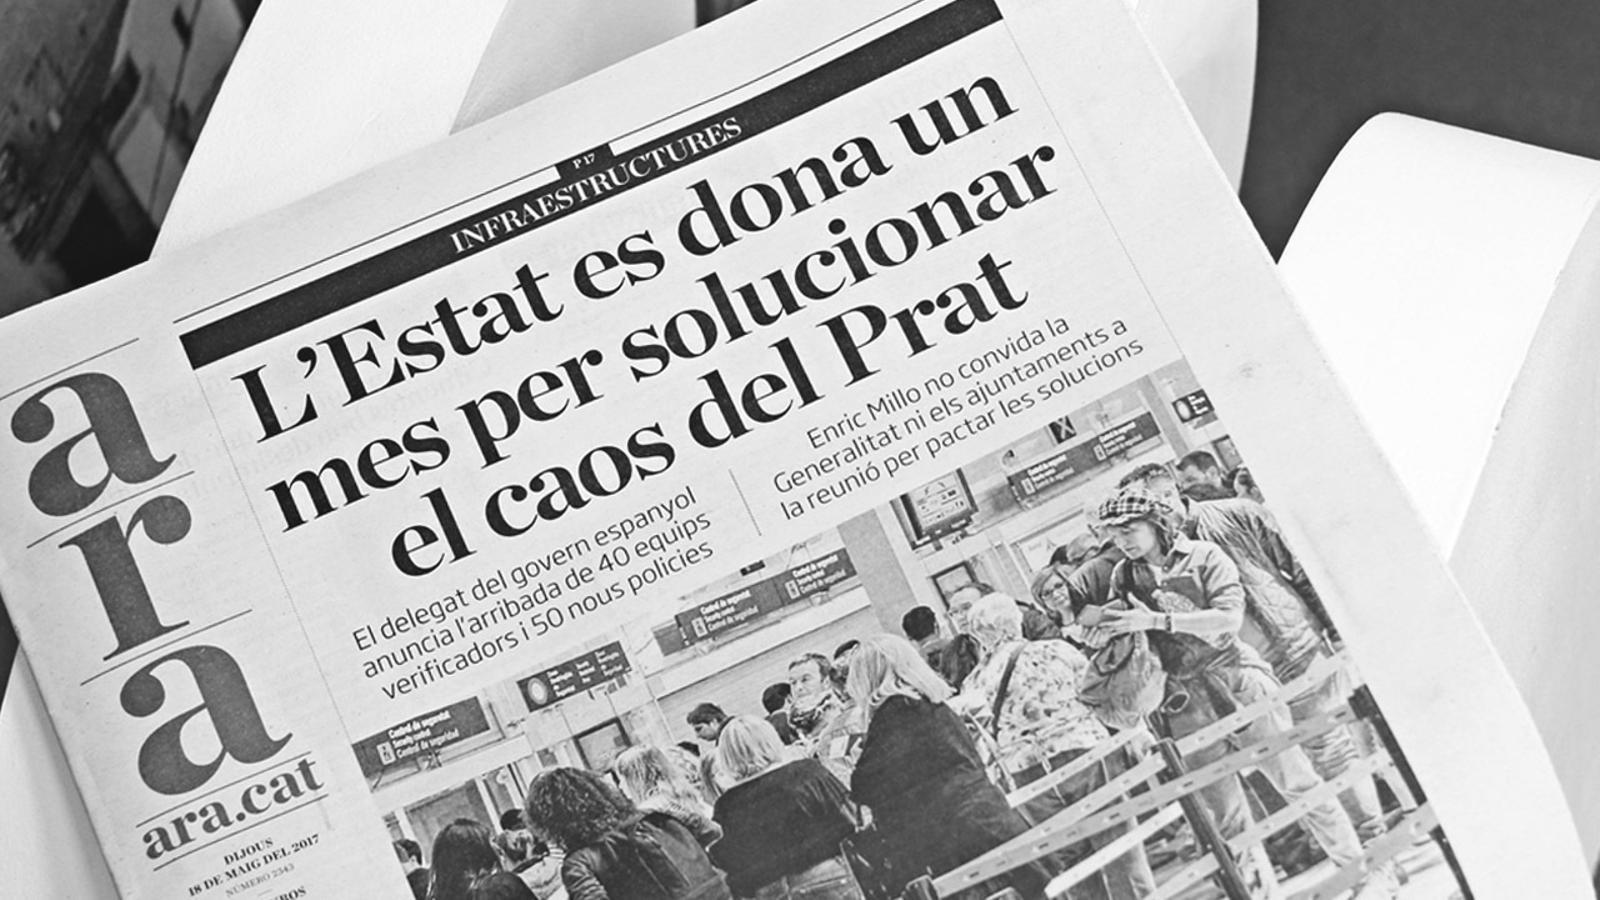 L'anàlisi d'Antoni Bassas: 'El Prat pot esperar. Paciència'